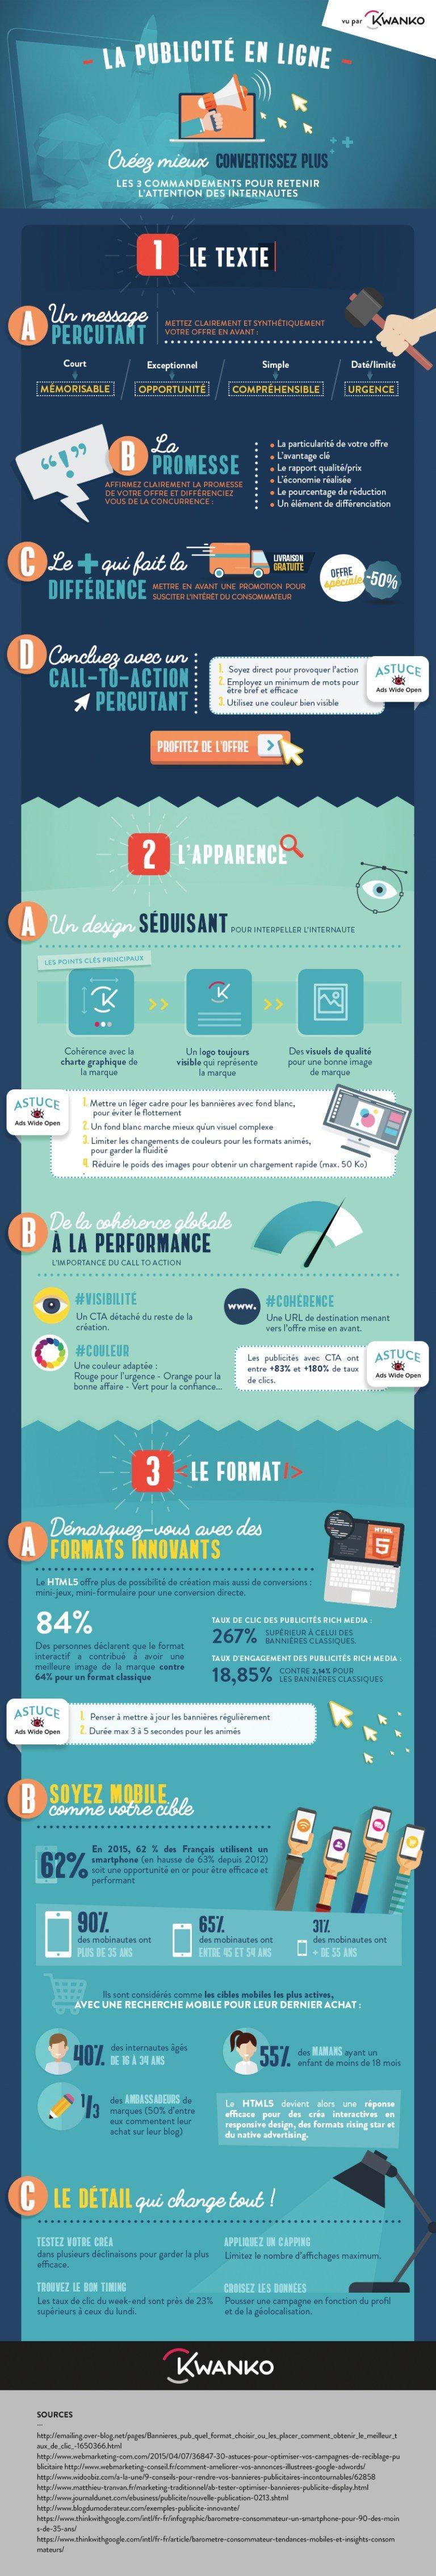 Infographie Kwanko sur les clés de réussite dans la publicité en ligne